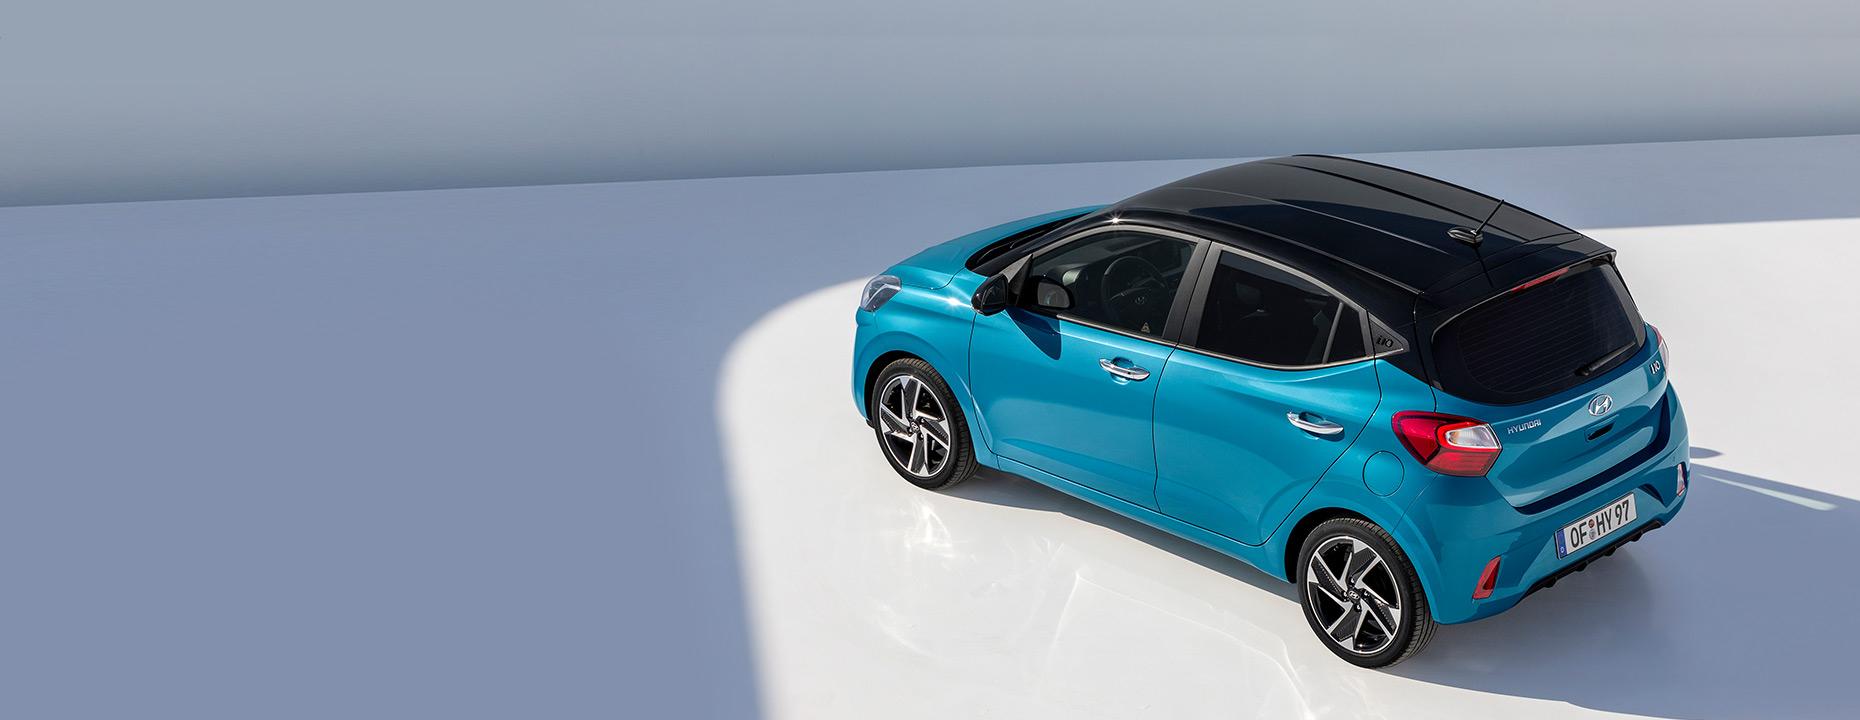 Hyundai | Binek, Suv Ve Ticari Araç Modelleri avec Salon De Jardin Super U 149